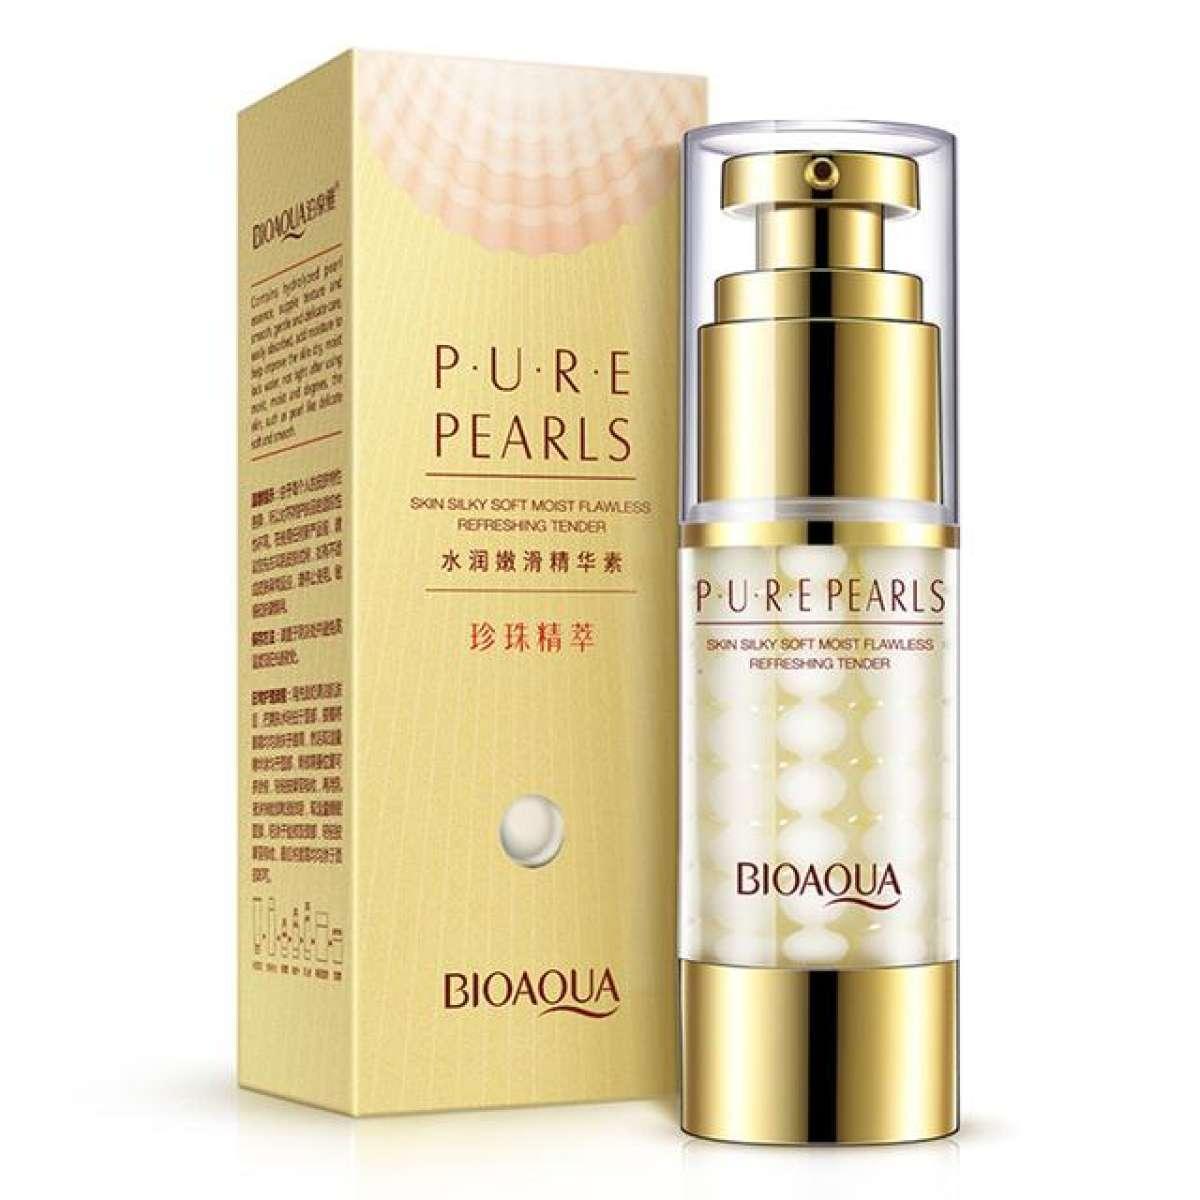 Крем для шелковистости кожи вокруг глаз с экстрактом жемчуга BIOAQUA Pure Pearls Eye Cream, фото 1